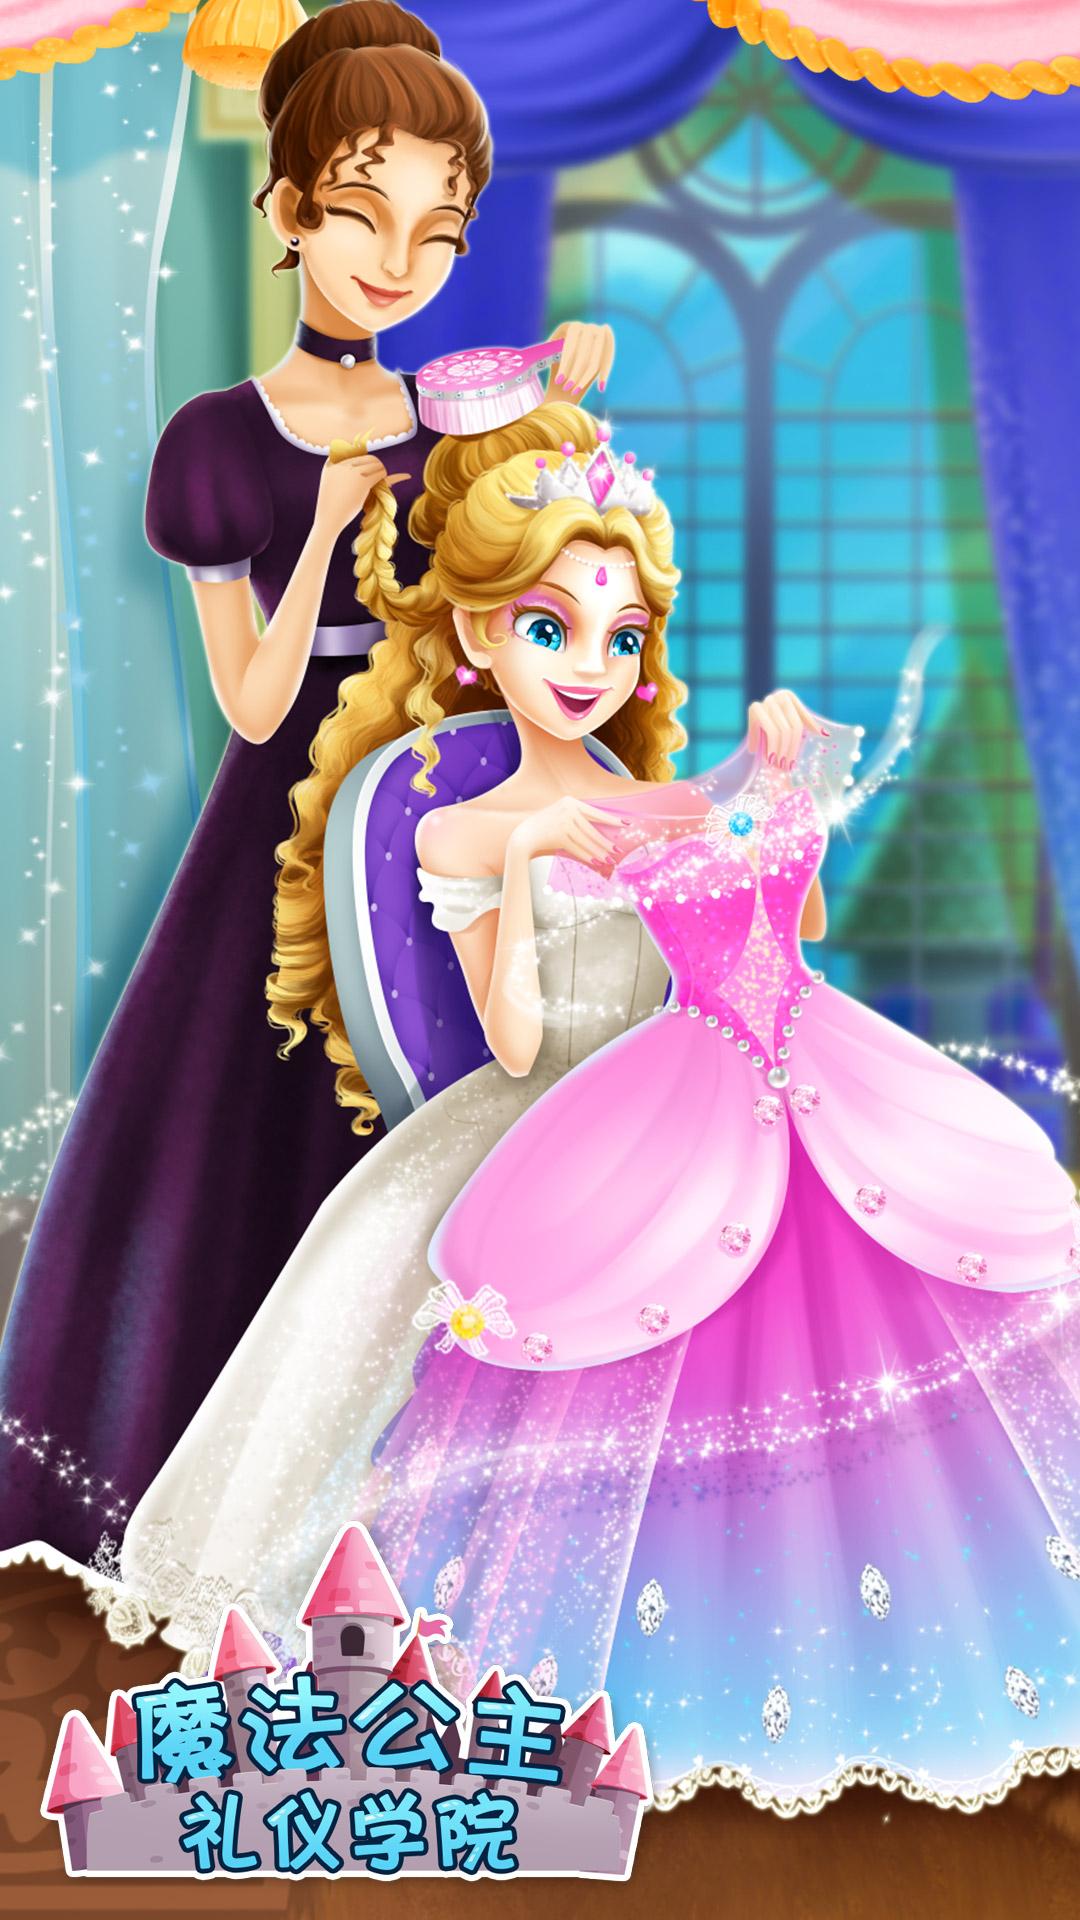 魔法公主礼仪学院软件截图0